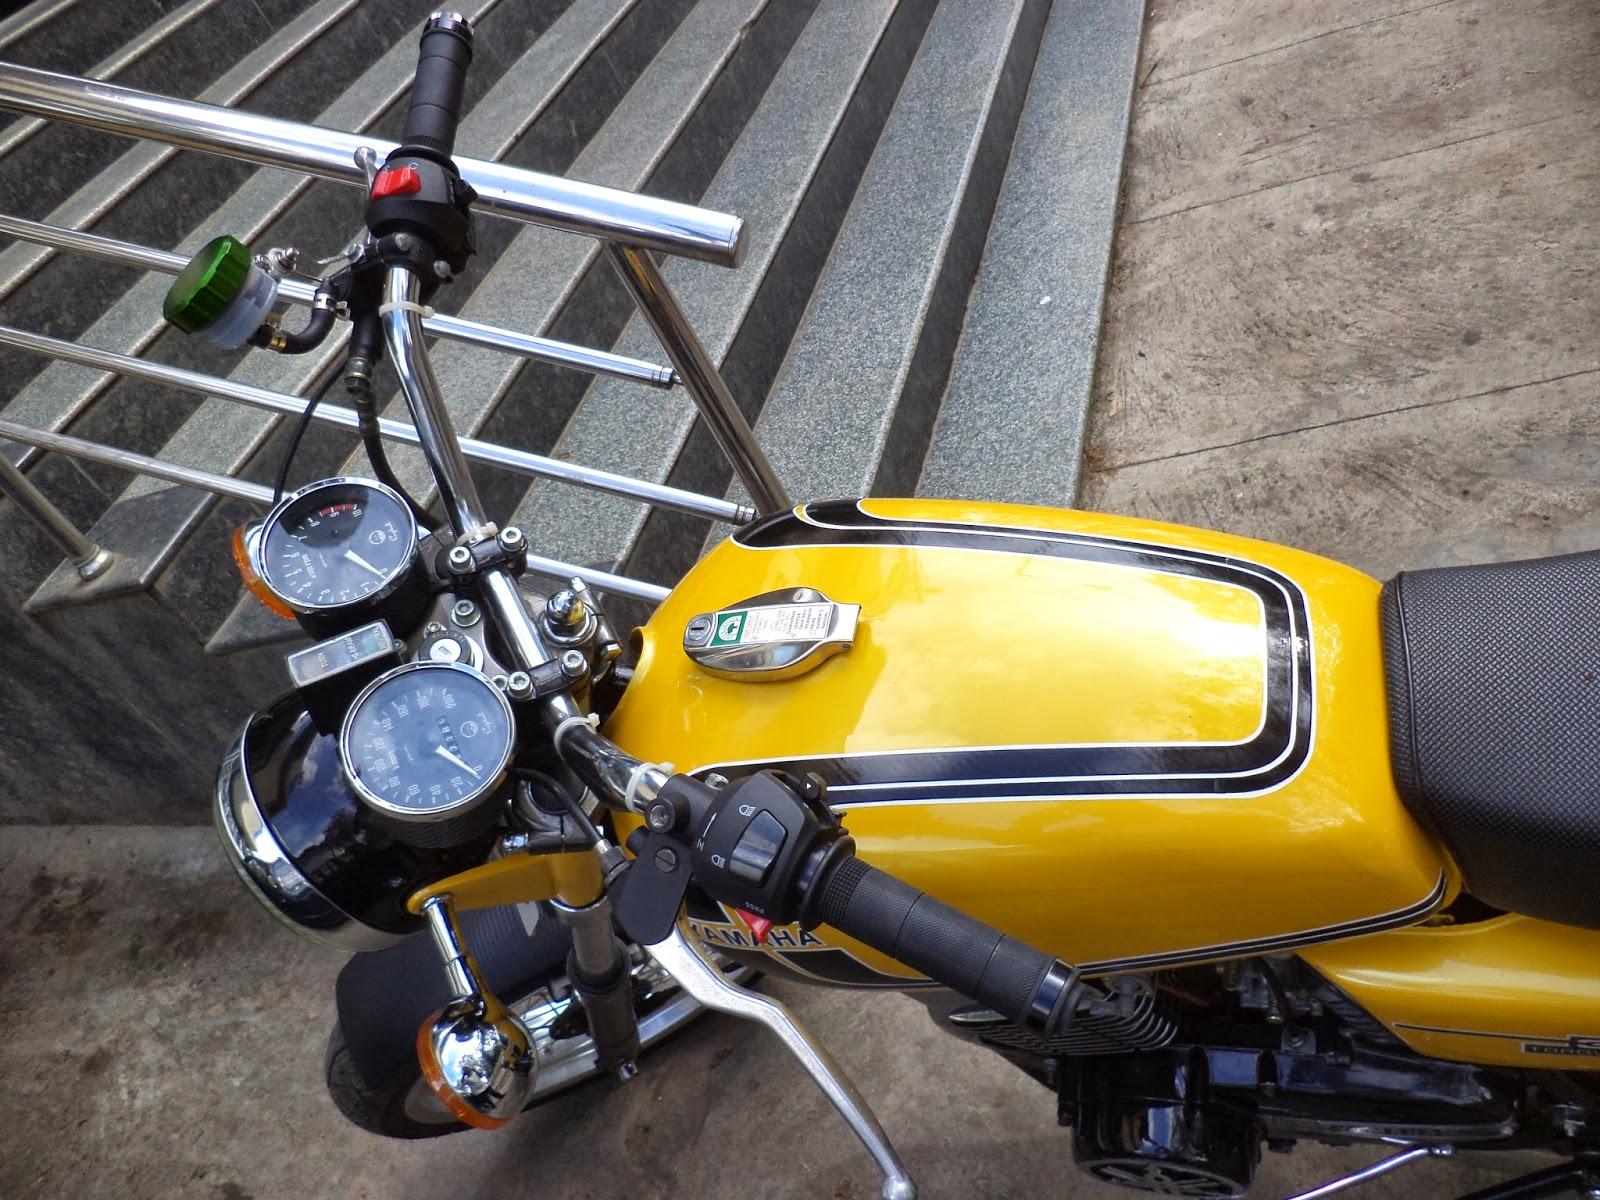 Extreme Machines : Yamaha RD350